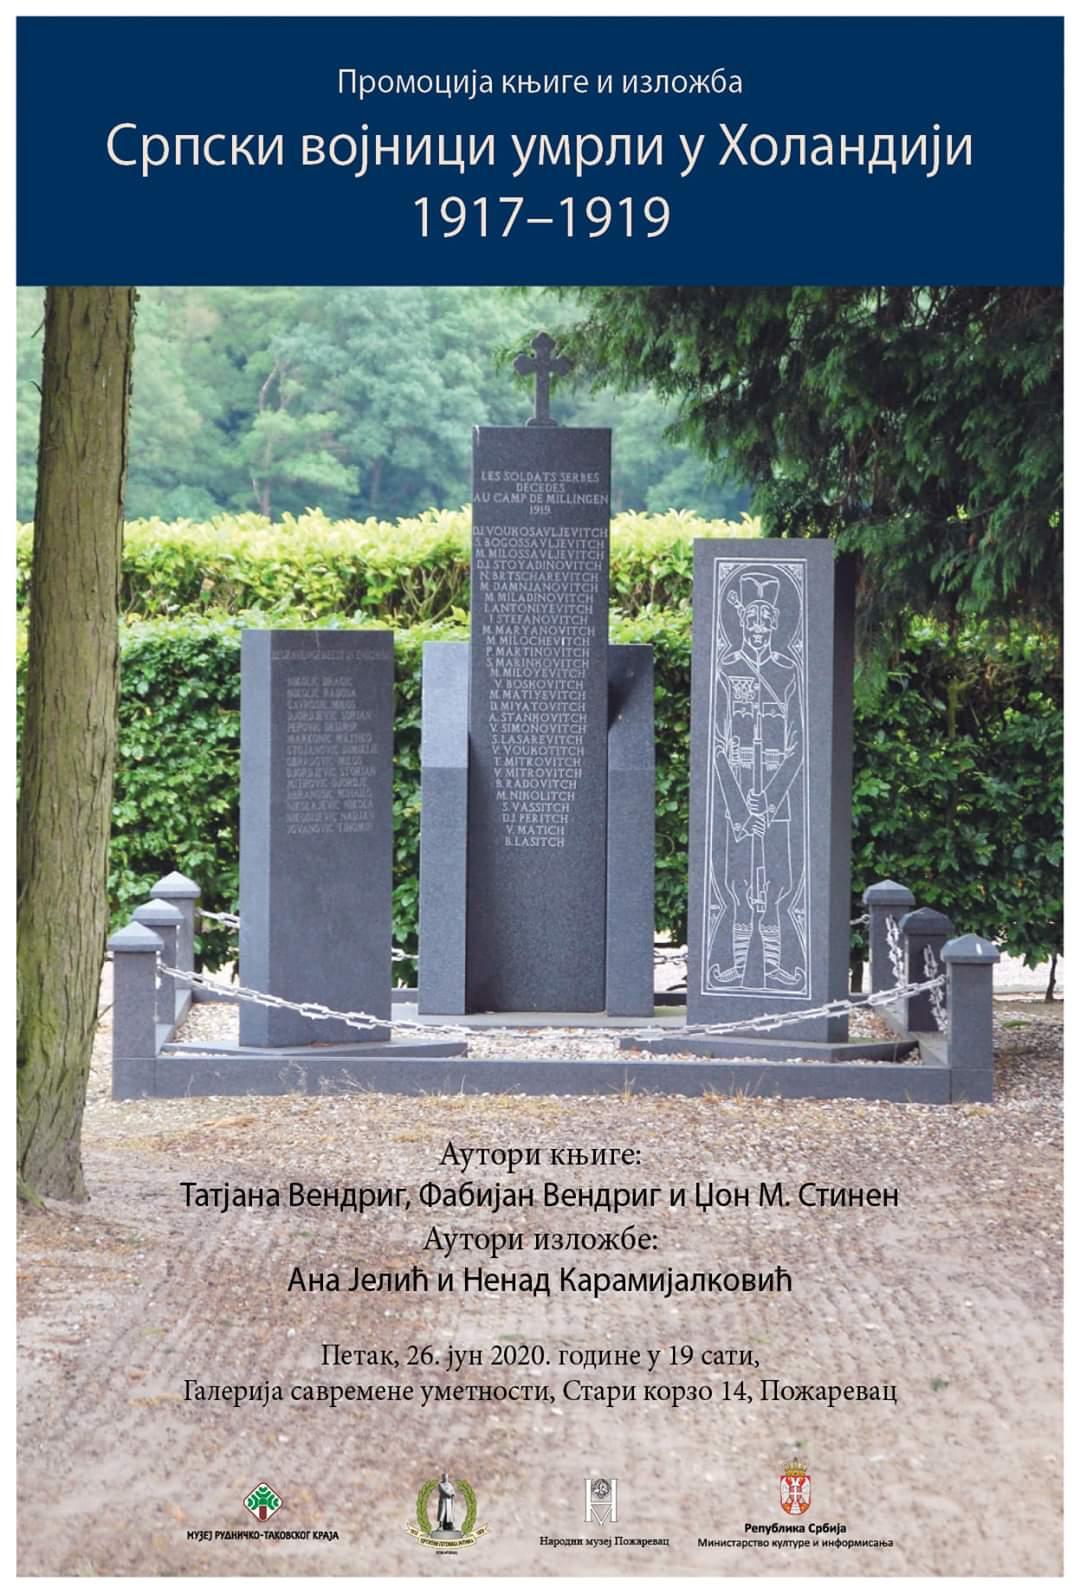 """Predstavljanje knjige i izložba """"Srpski vojnici umrli u Holandiji 1917-1919"""" 37500"""